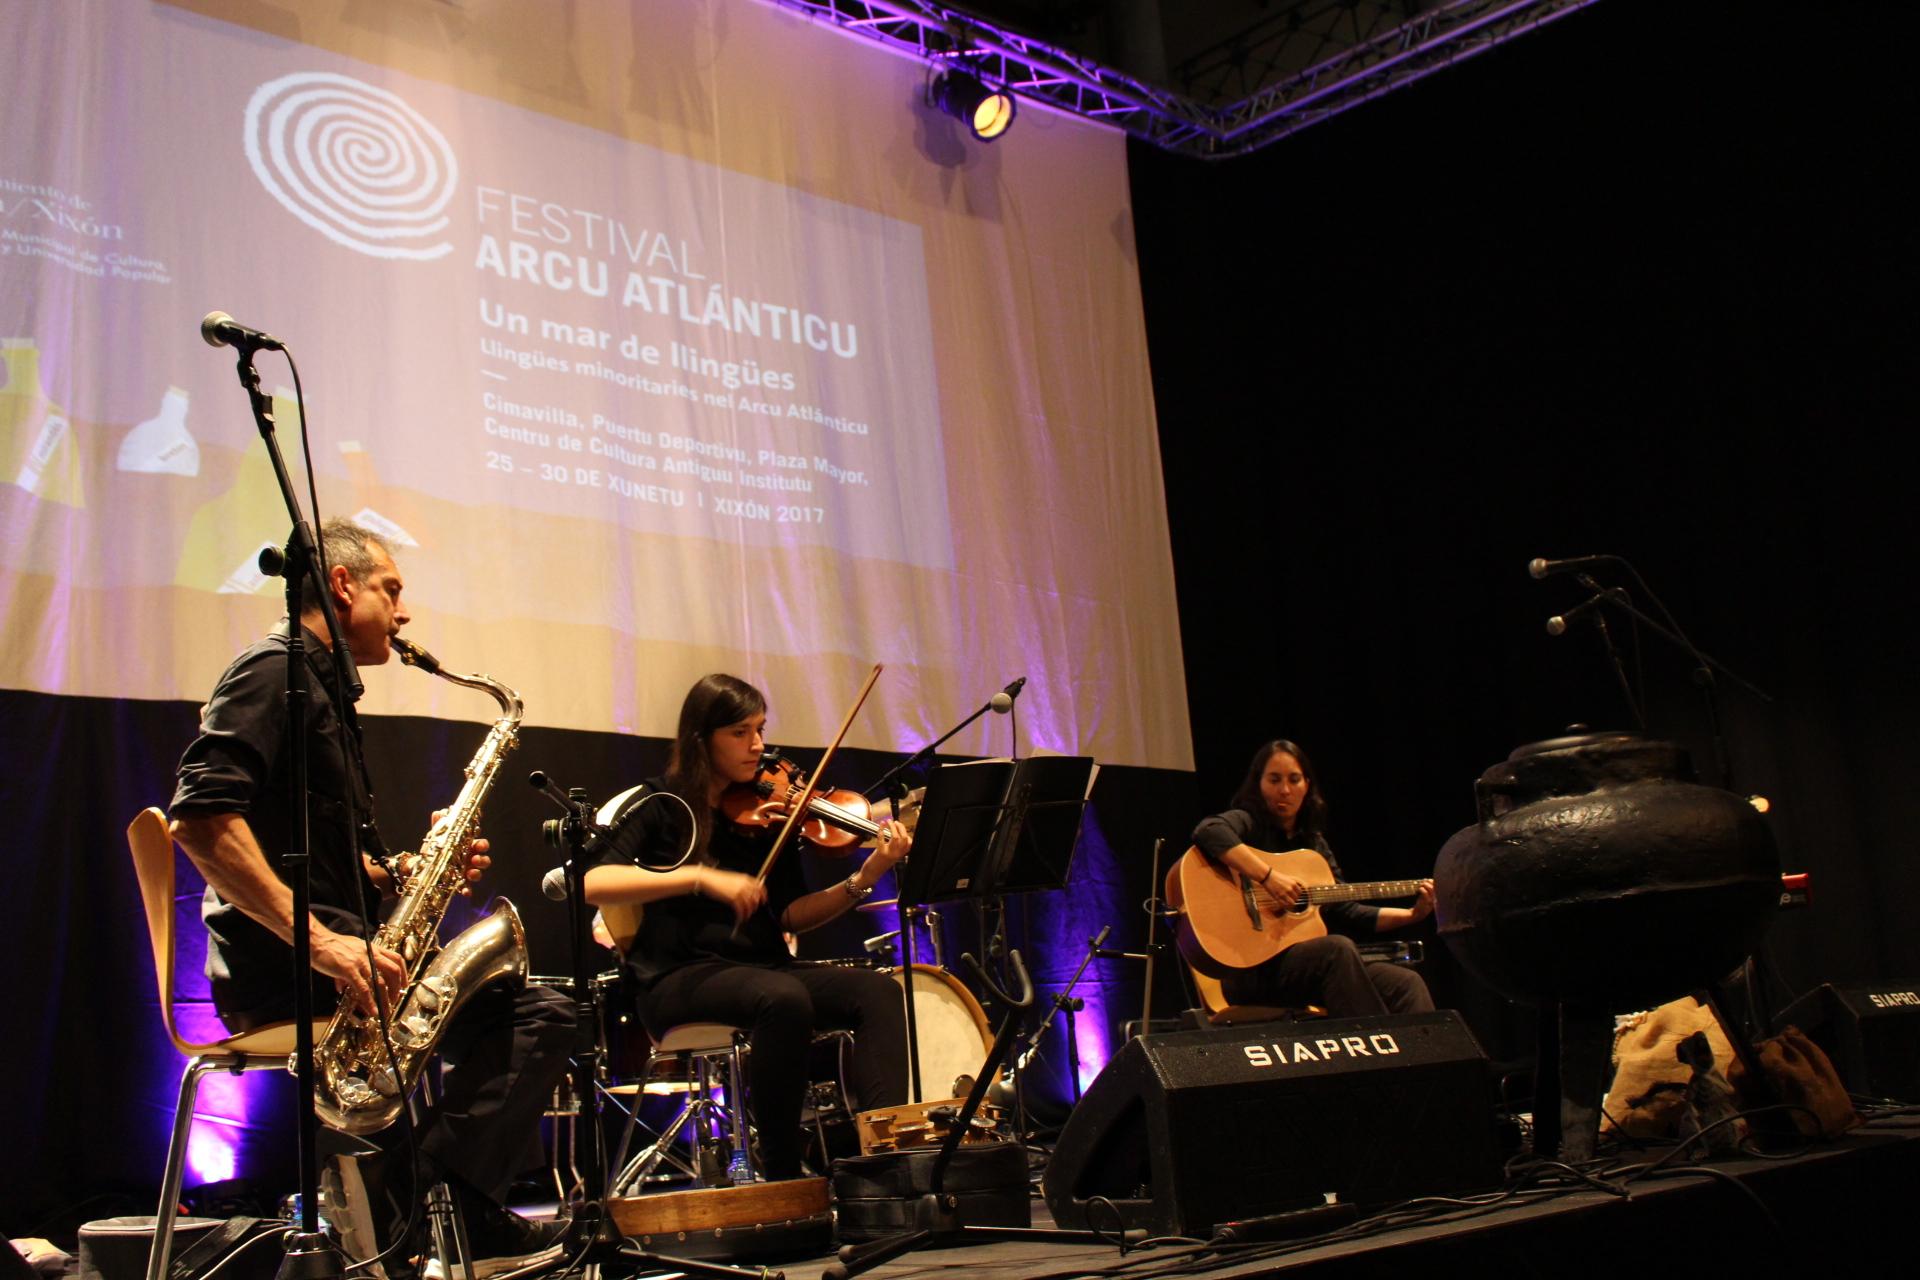 Arcu Atlánticu 2017 Alann Bique